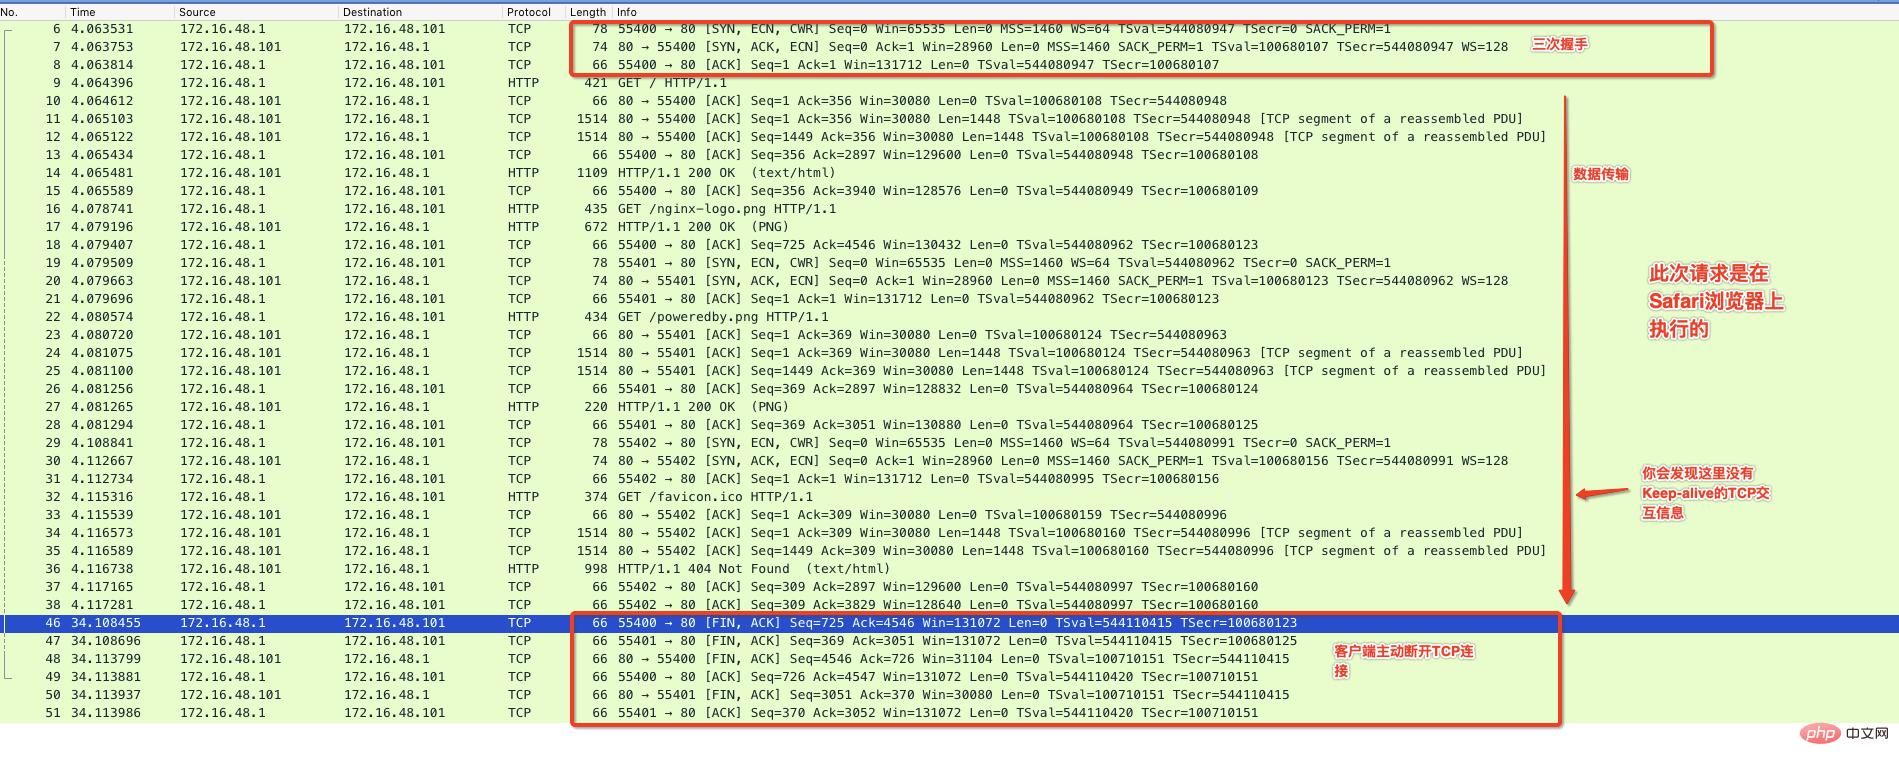 分析影响http性能的常见因素